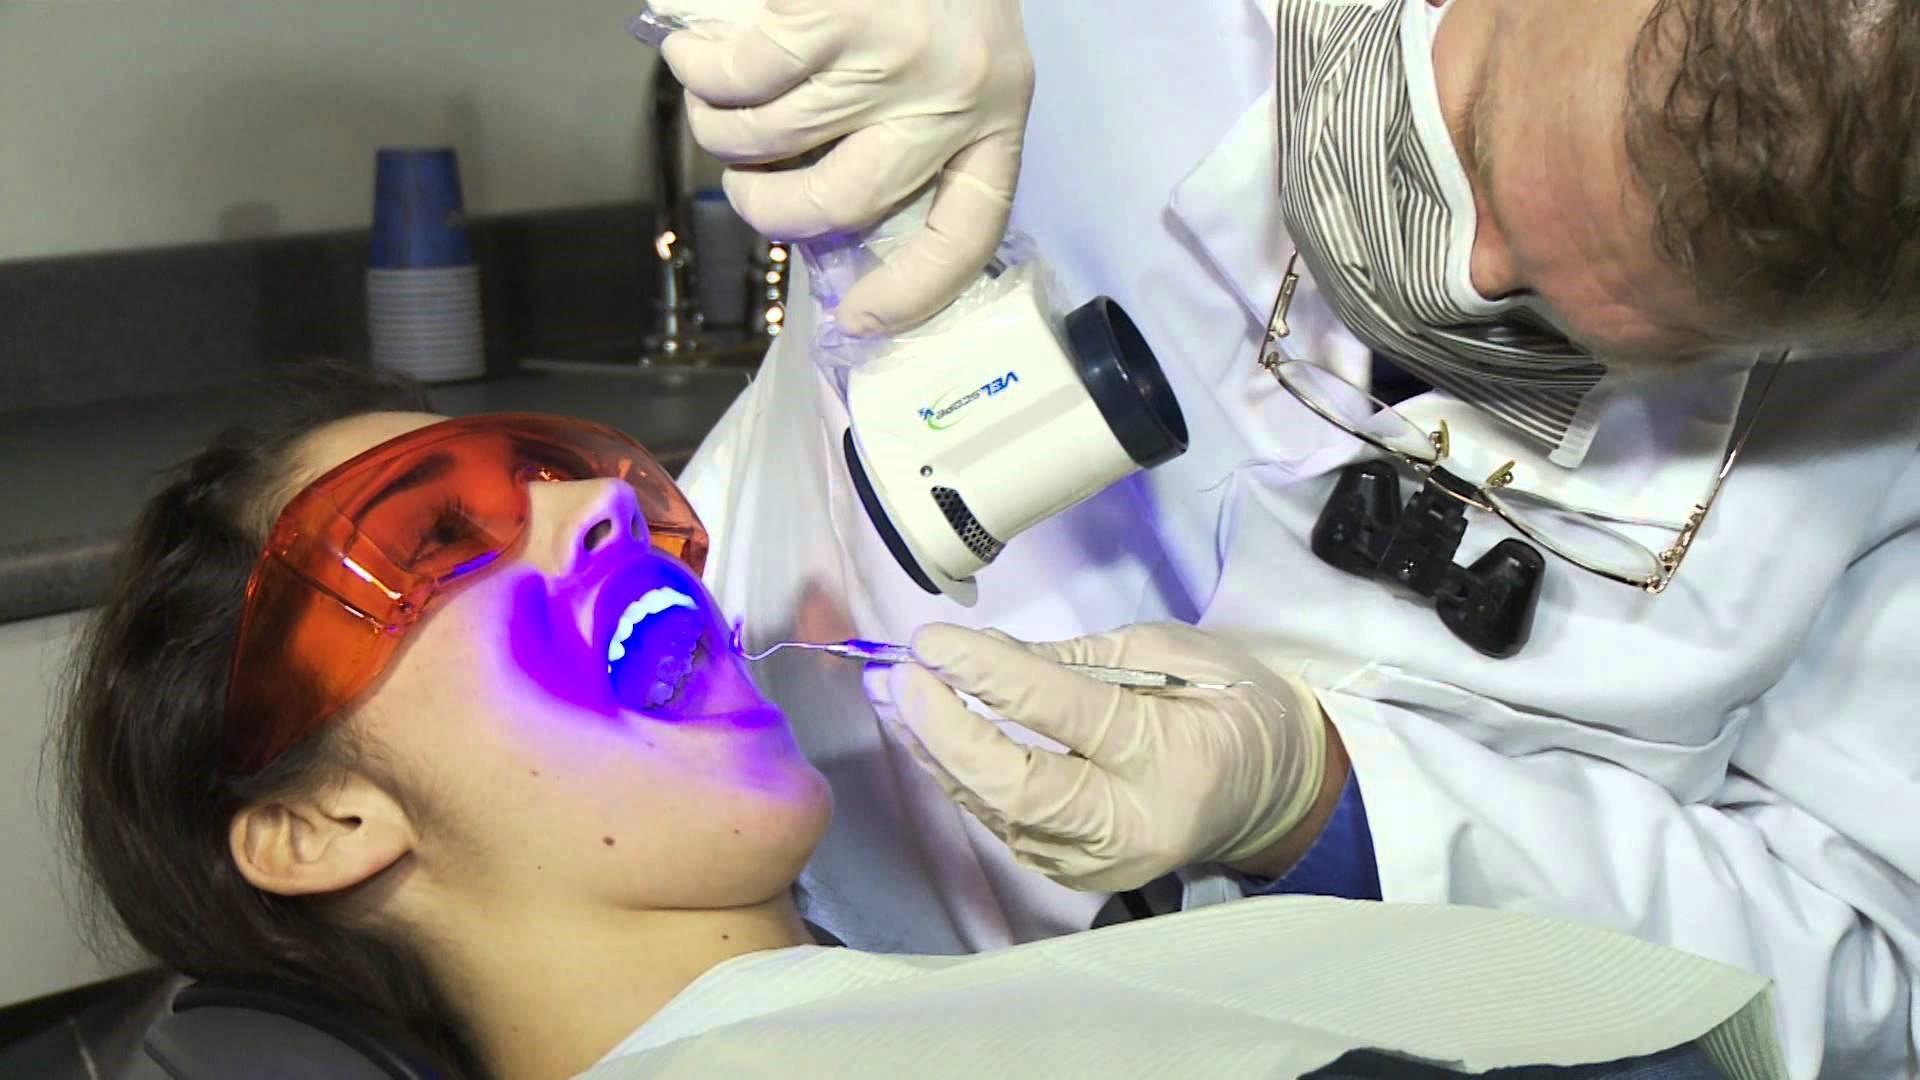 szájüregi szakember papilloma vírus tüneteinek elvesztése